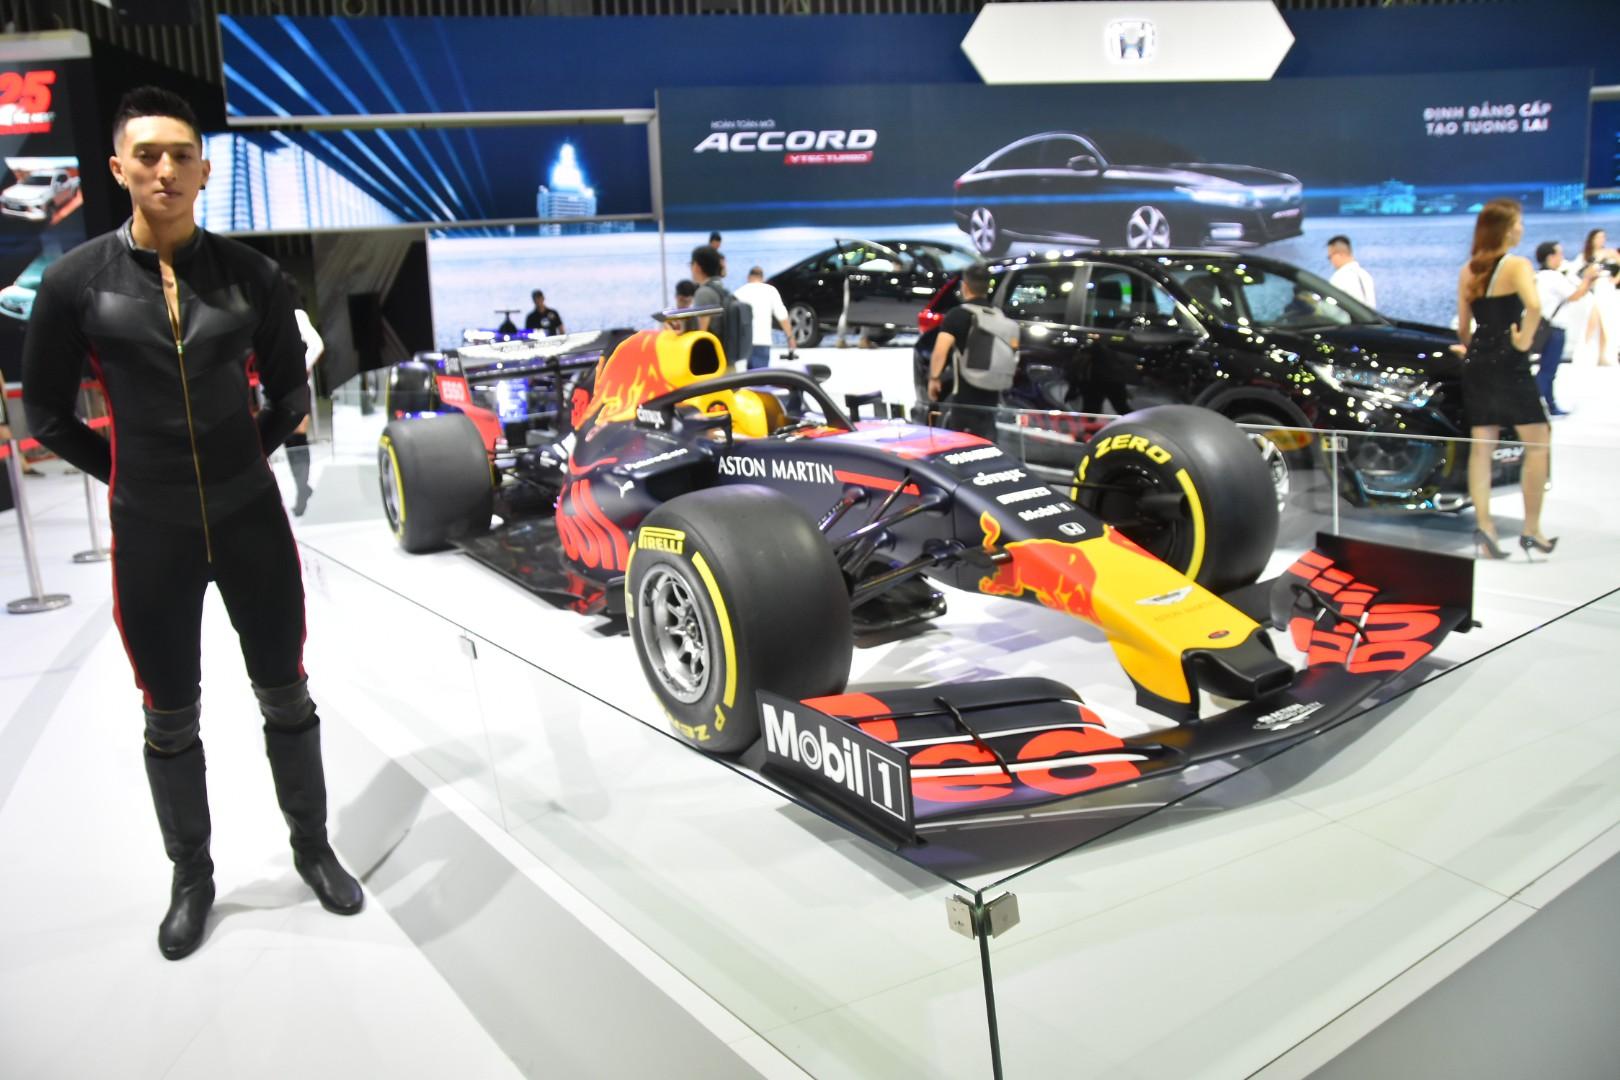 Gần 100 mẫu ôtô mới nhất trình diễn tại Vietnam Motor Show 2019 - Ảnh 13.